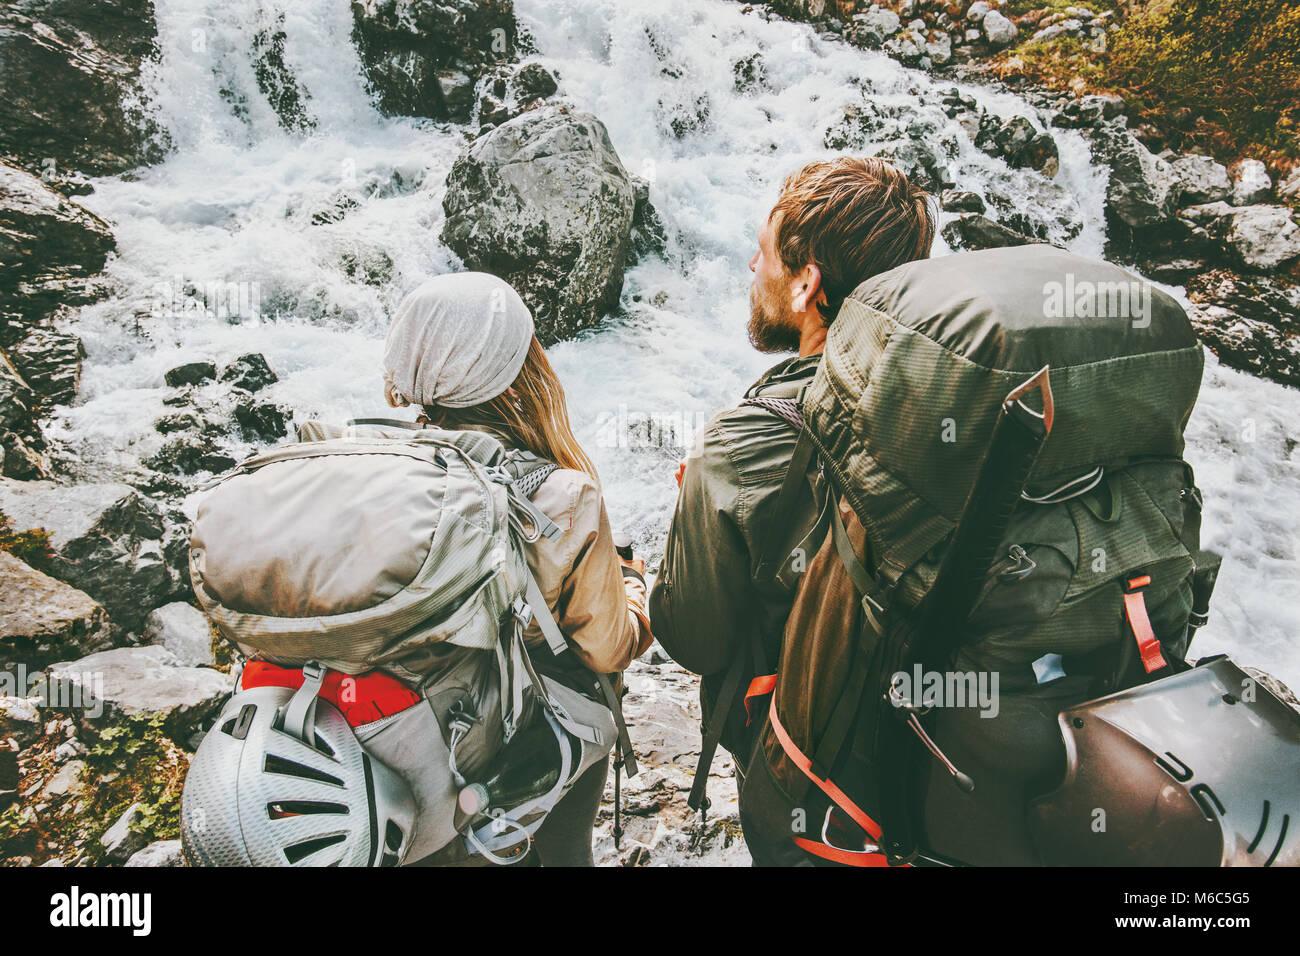 Paar backpackers Wandern in den Bergen zusammen, Liebe und Reisen Abenteuer Lifestyle Fernweh Konzept aktive Ferien Stockbild